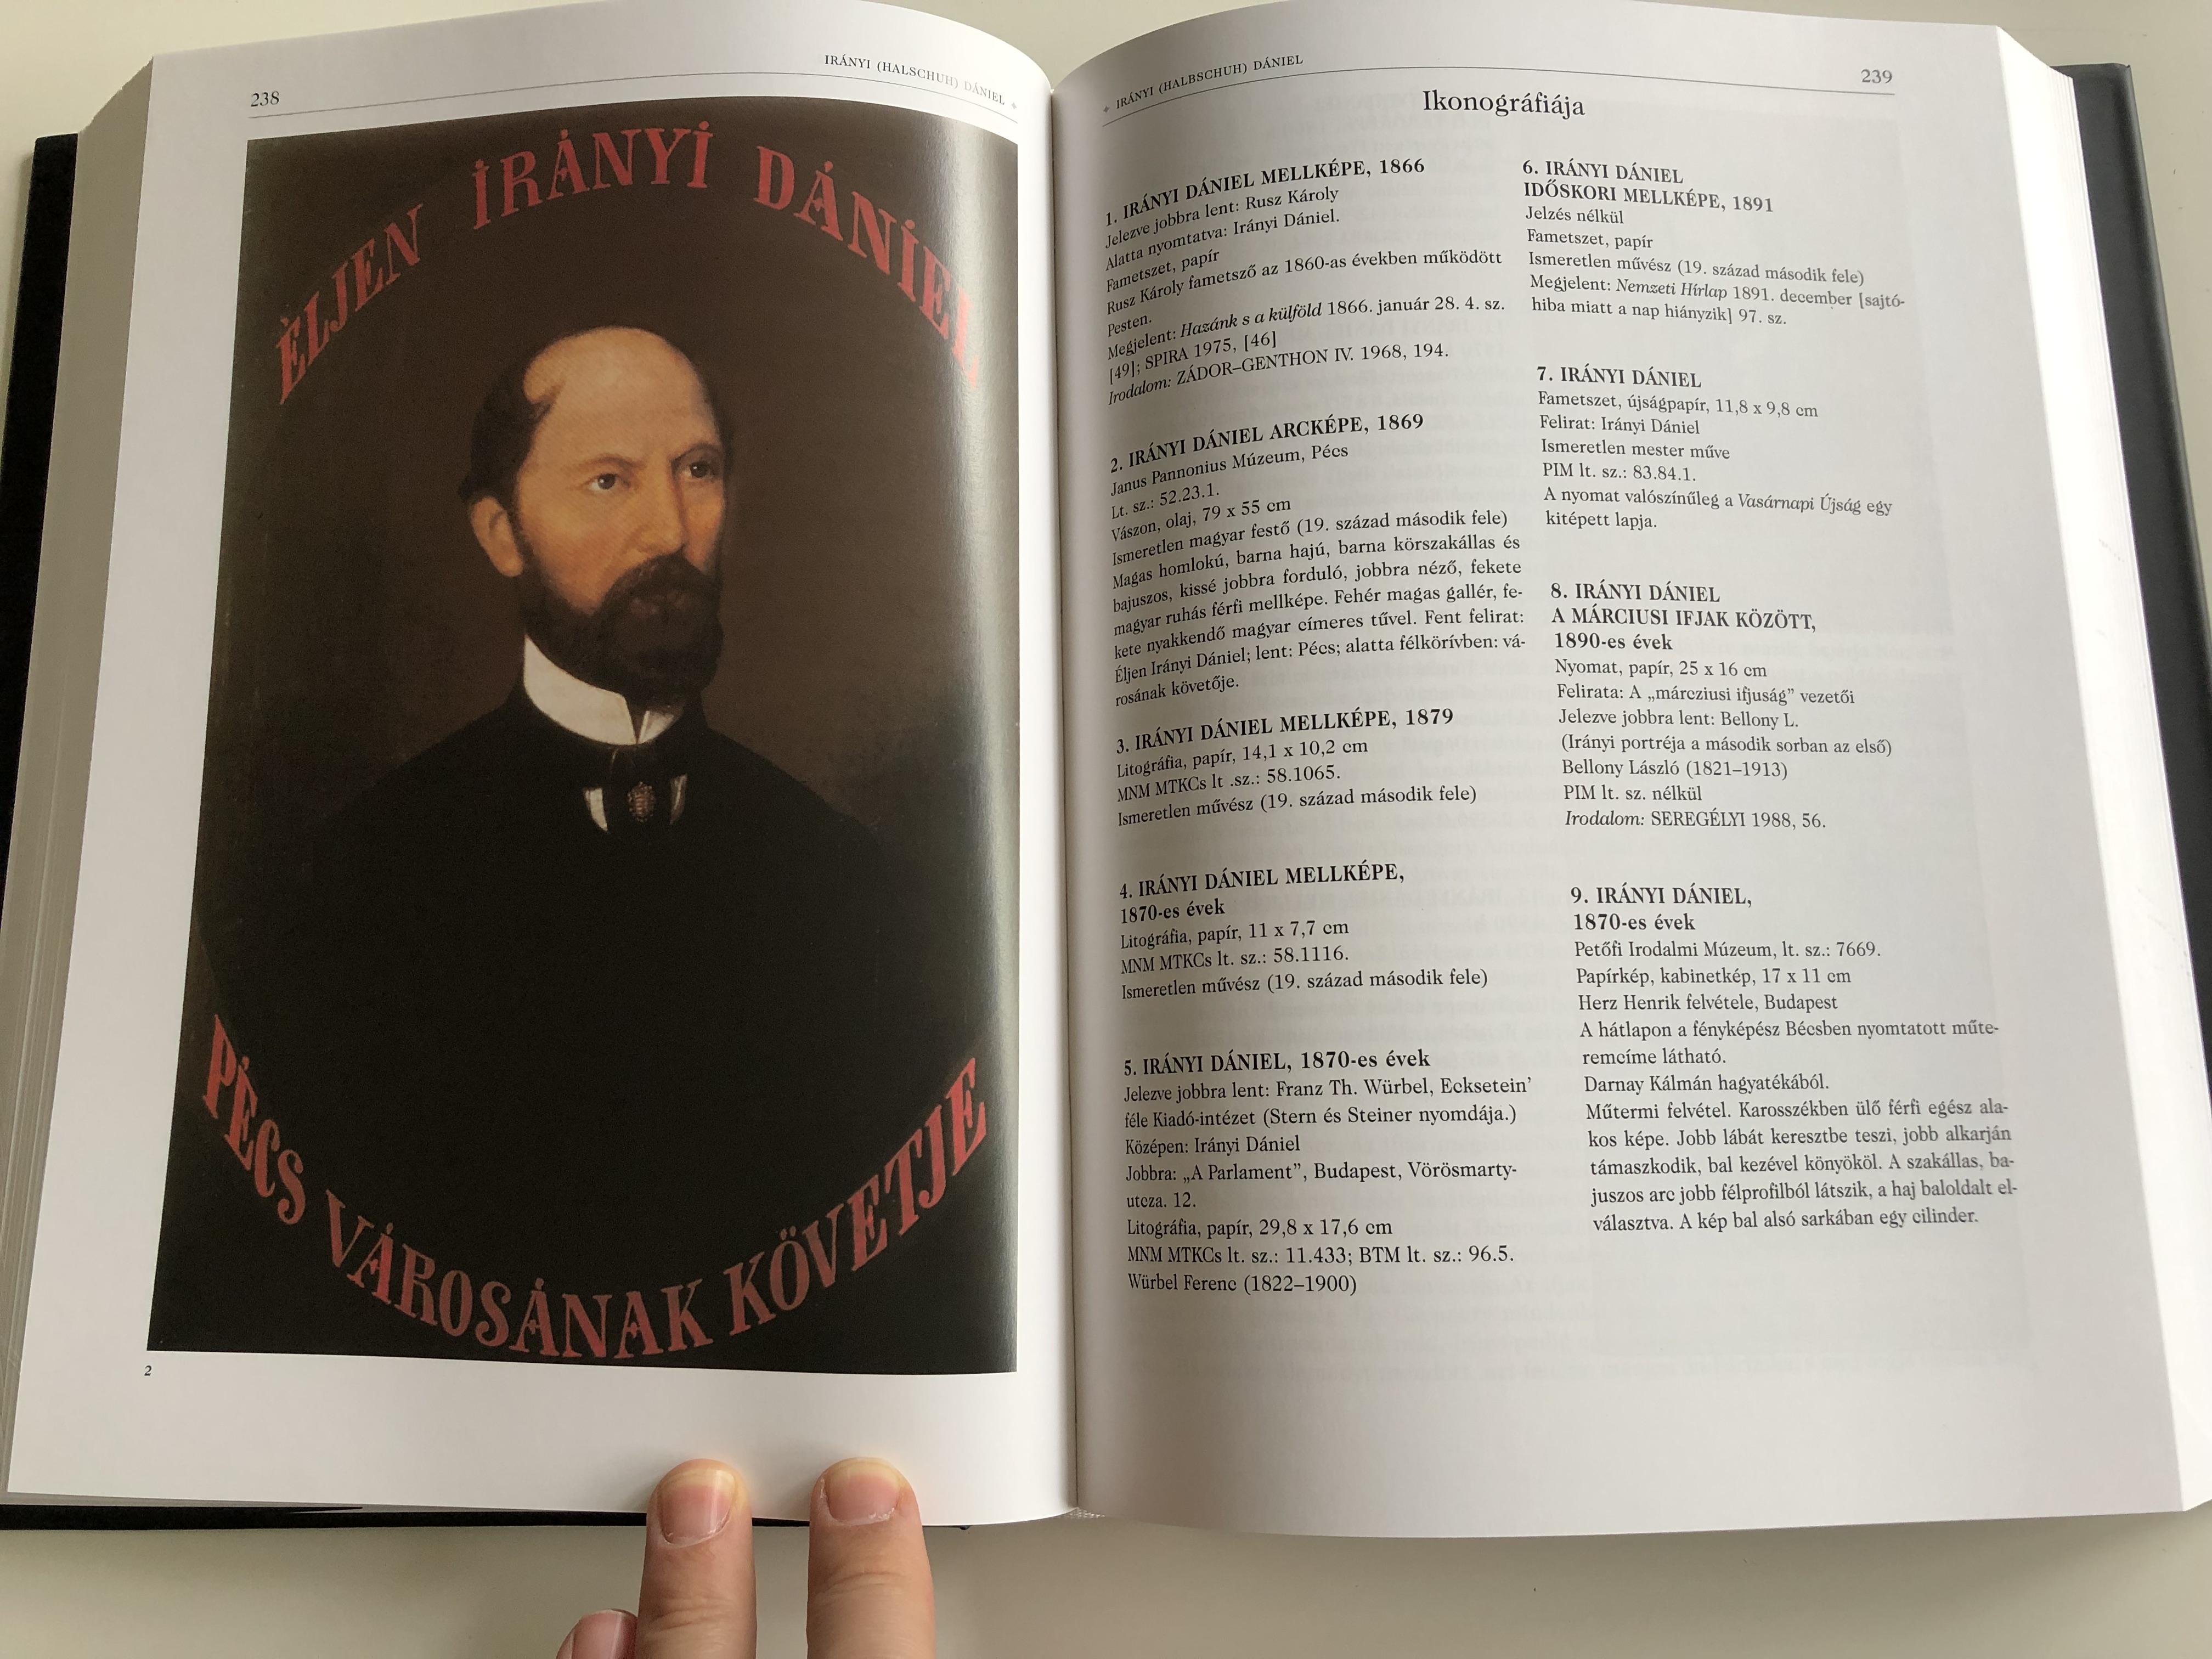 a-m-rciusi-ifjak-nemzed-ke-nem-k-zd-nk-mi-sem-dics-s-g-sem-d-j-rt-acz-l-eszter-basics-beatrix-hermann-r-bert-kalla-zsuzsa-szil-gyi-m-rton-editor-k-rm-czi-katalin-paperback-2000-magyar-nemzeti-m-zeum-9-.jpg